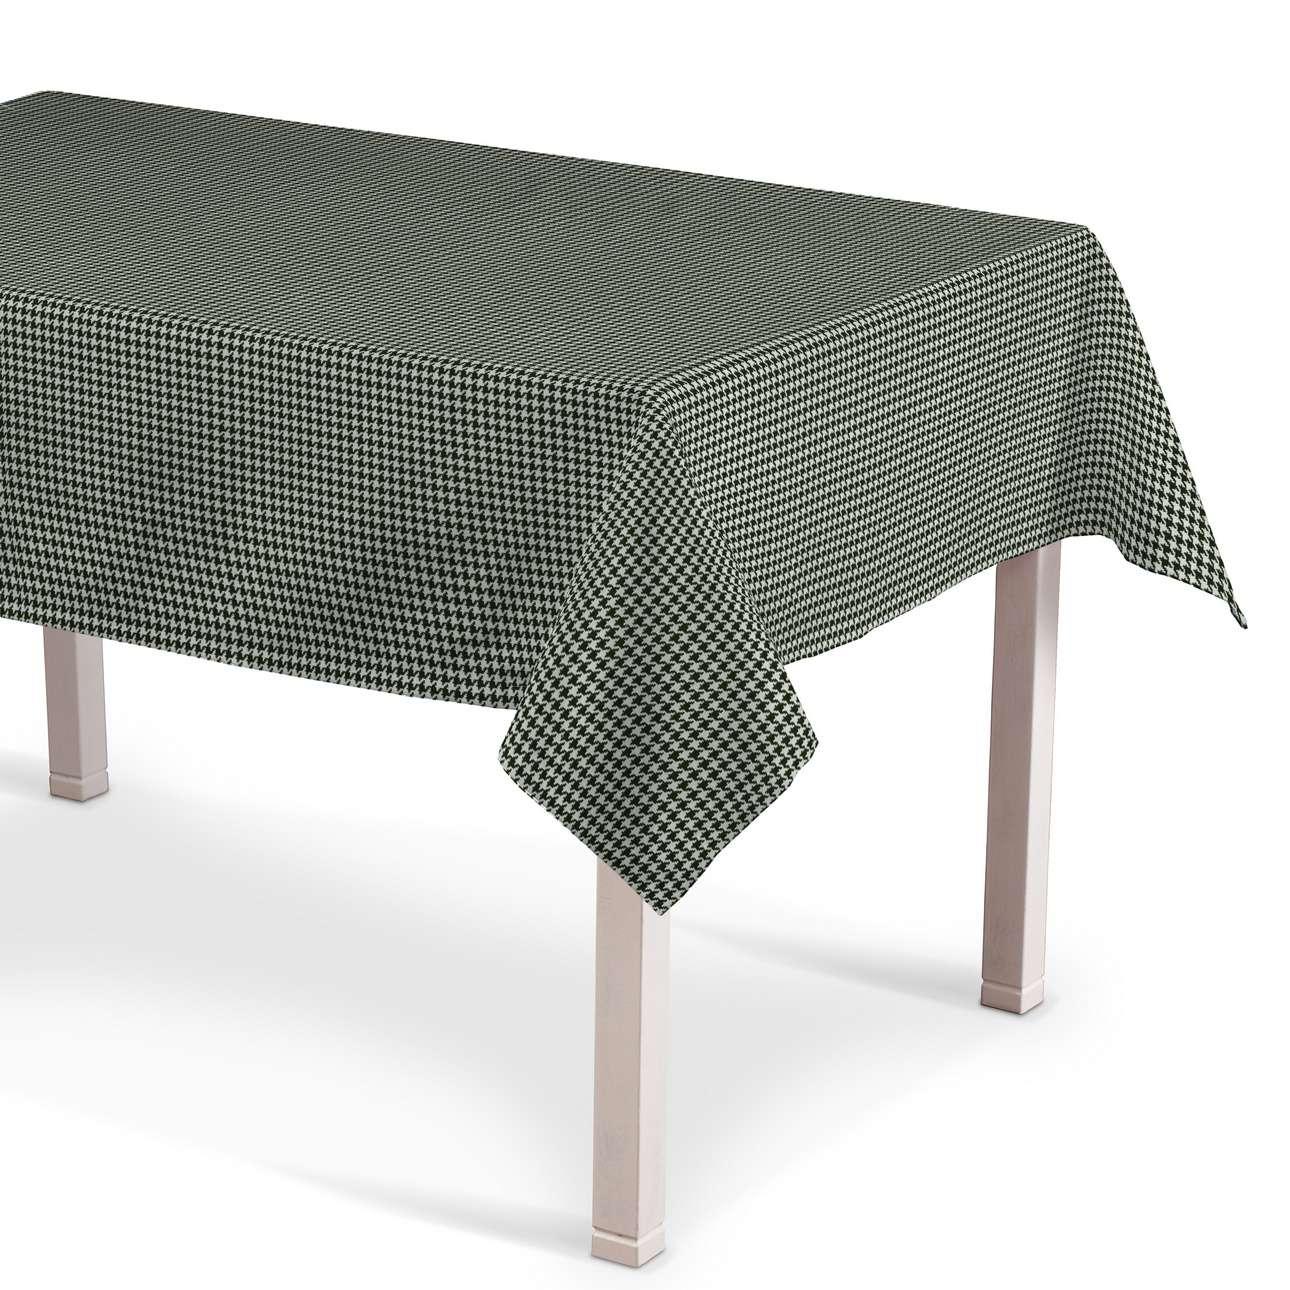 Asztalterítő téglalap alakú a kollekcióból Black & White szövet, Dekoranyag: 142-77